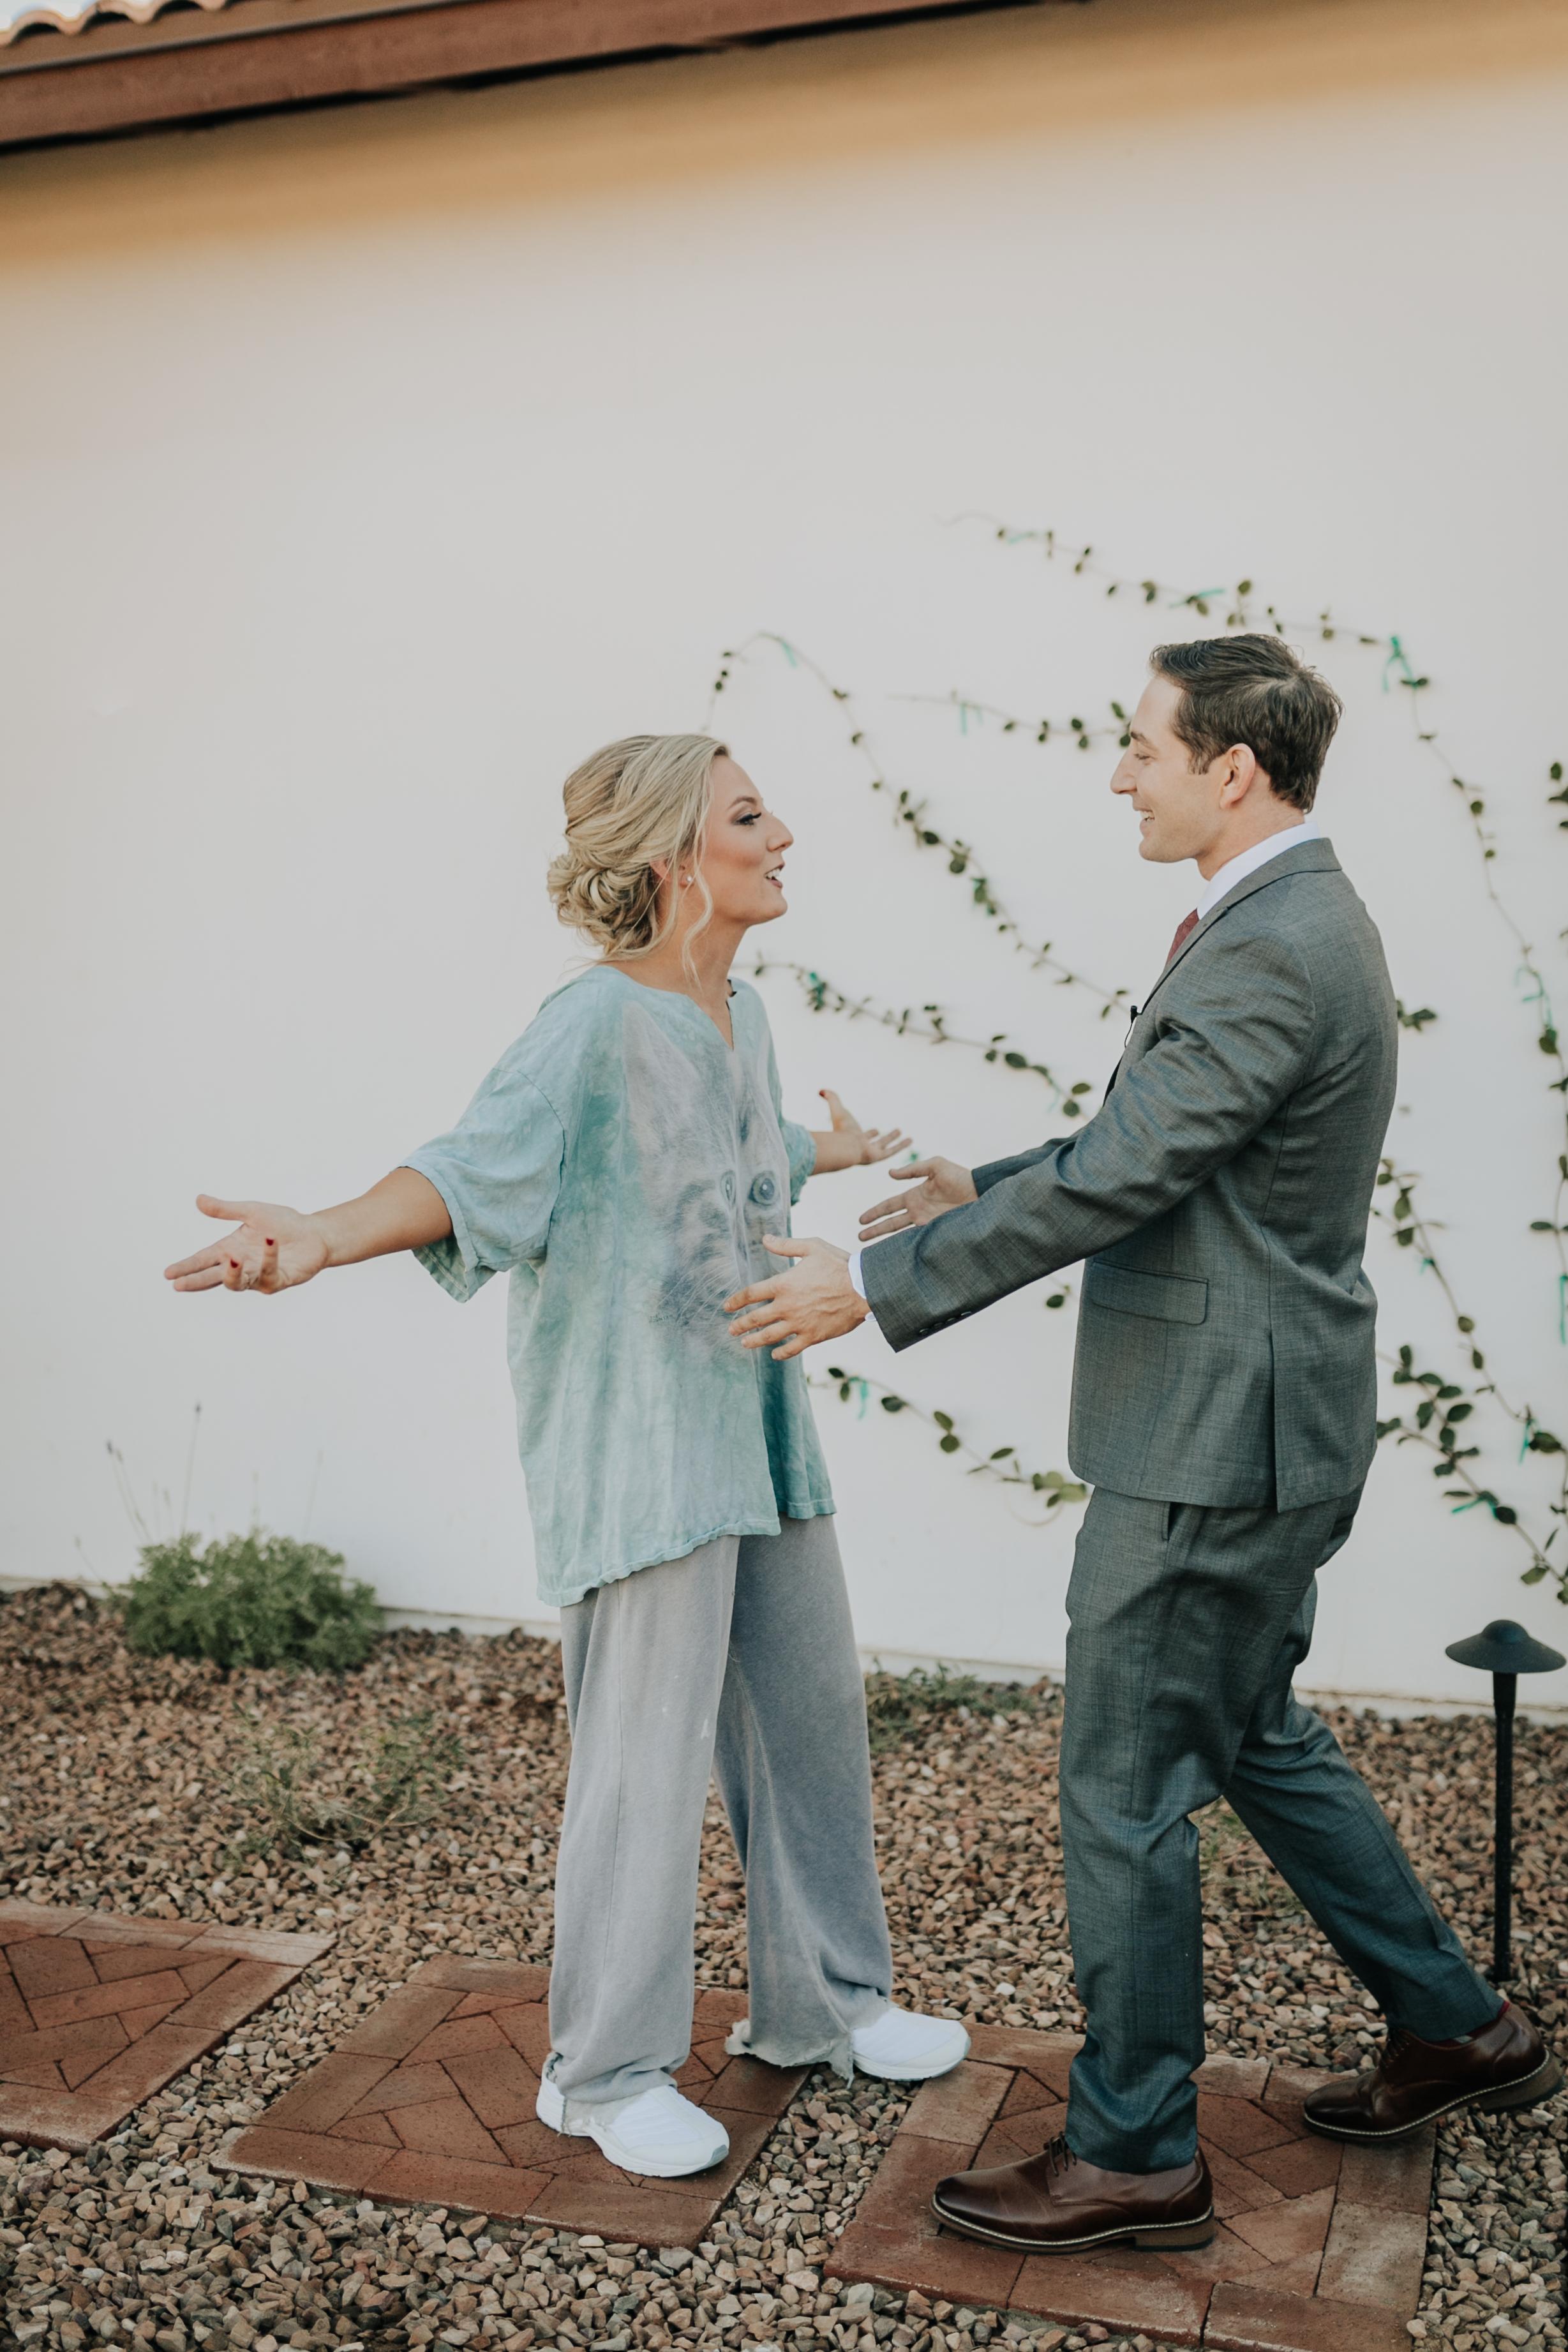 wedding photo candid